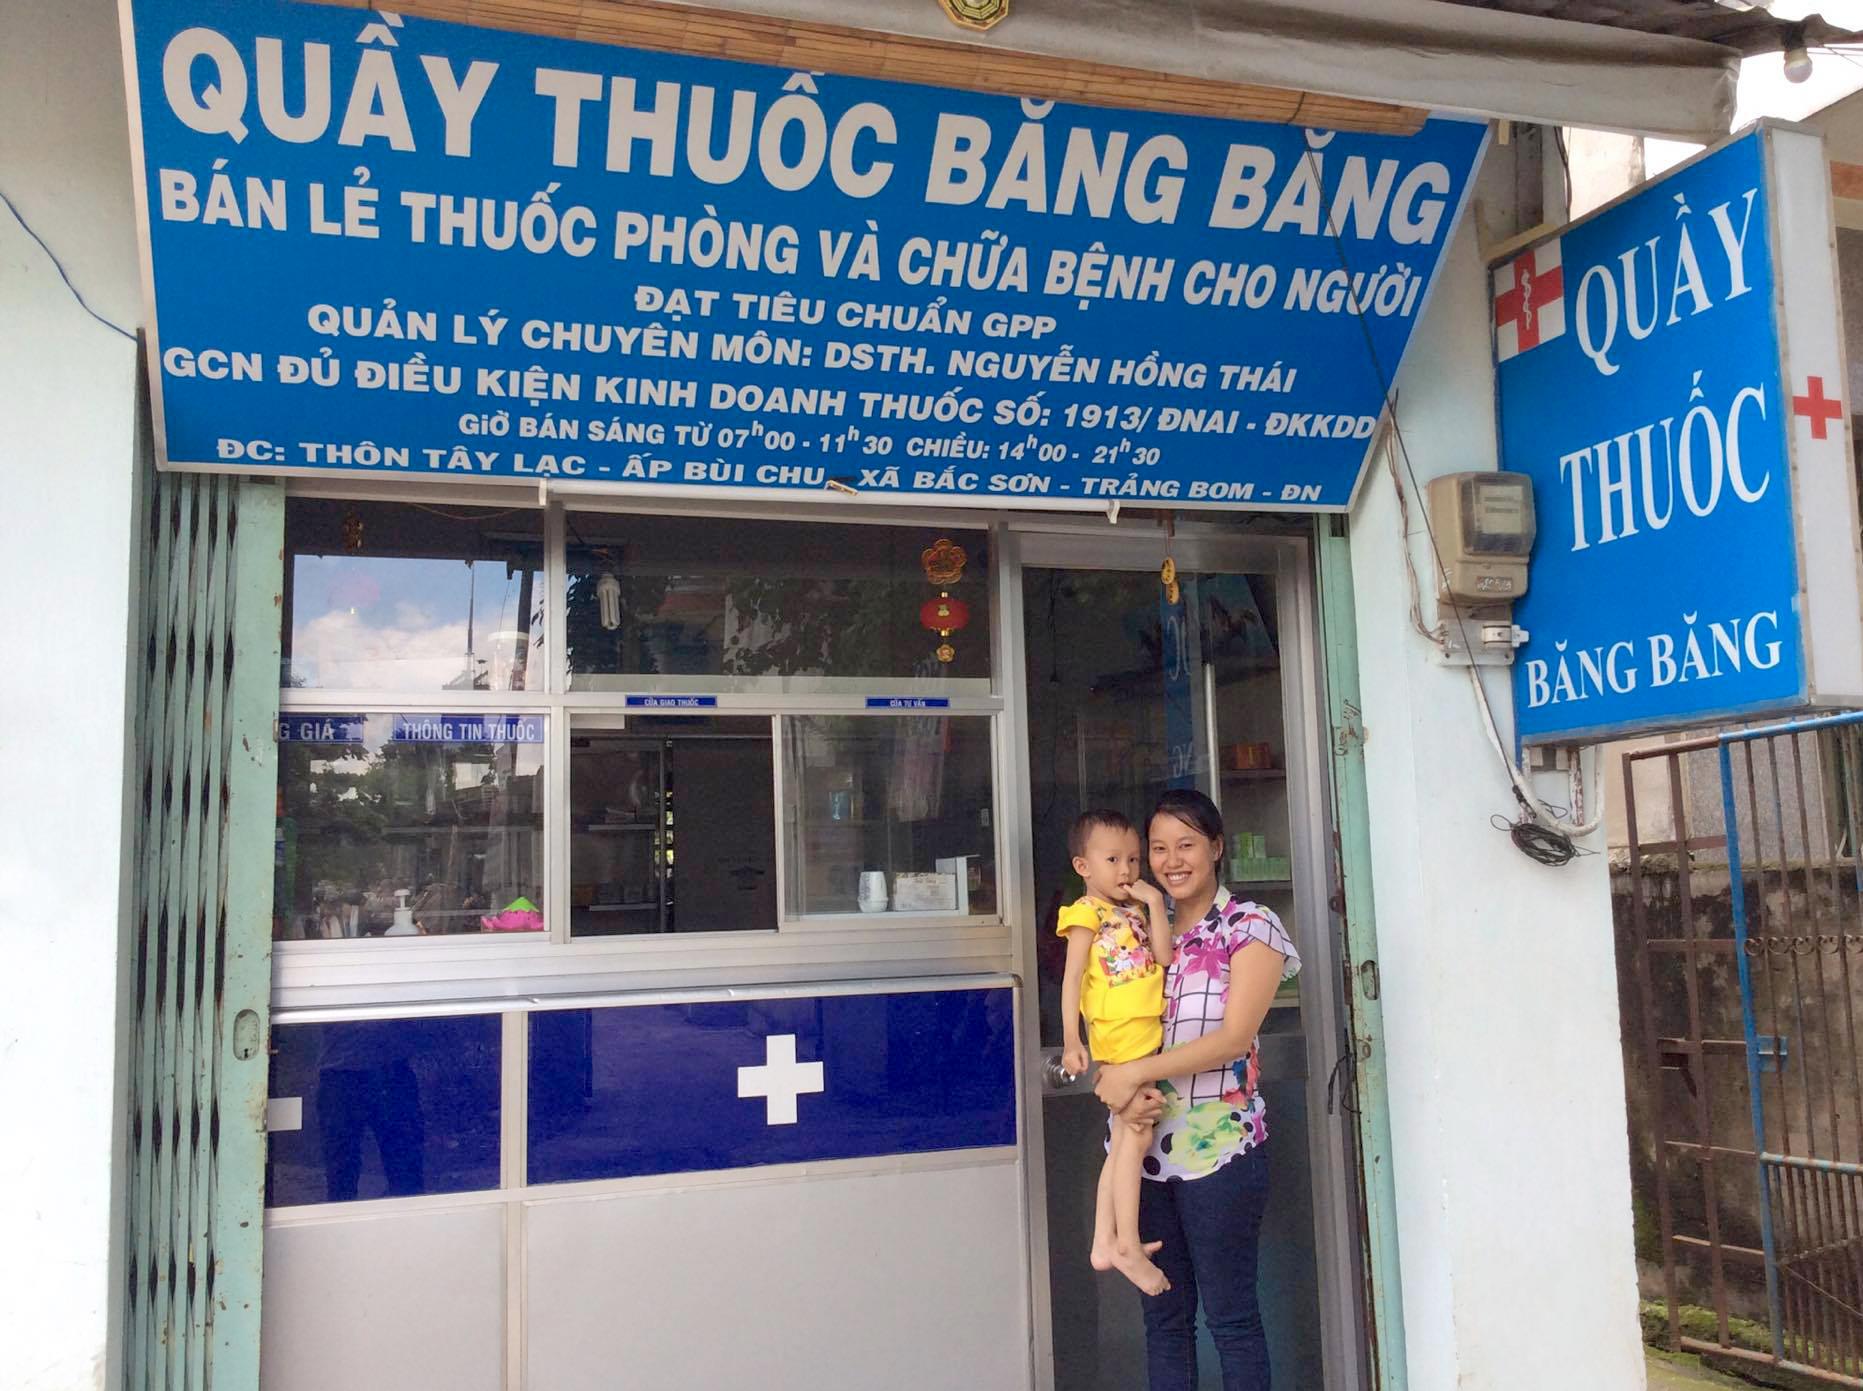 Bé Băng Băng và mẹ tươi tắn tại quầy thuốc của chị Phương (Ảnh: Như Quỳnh)